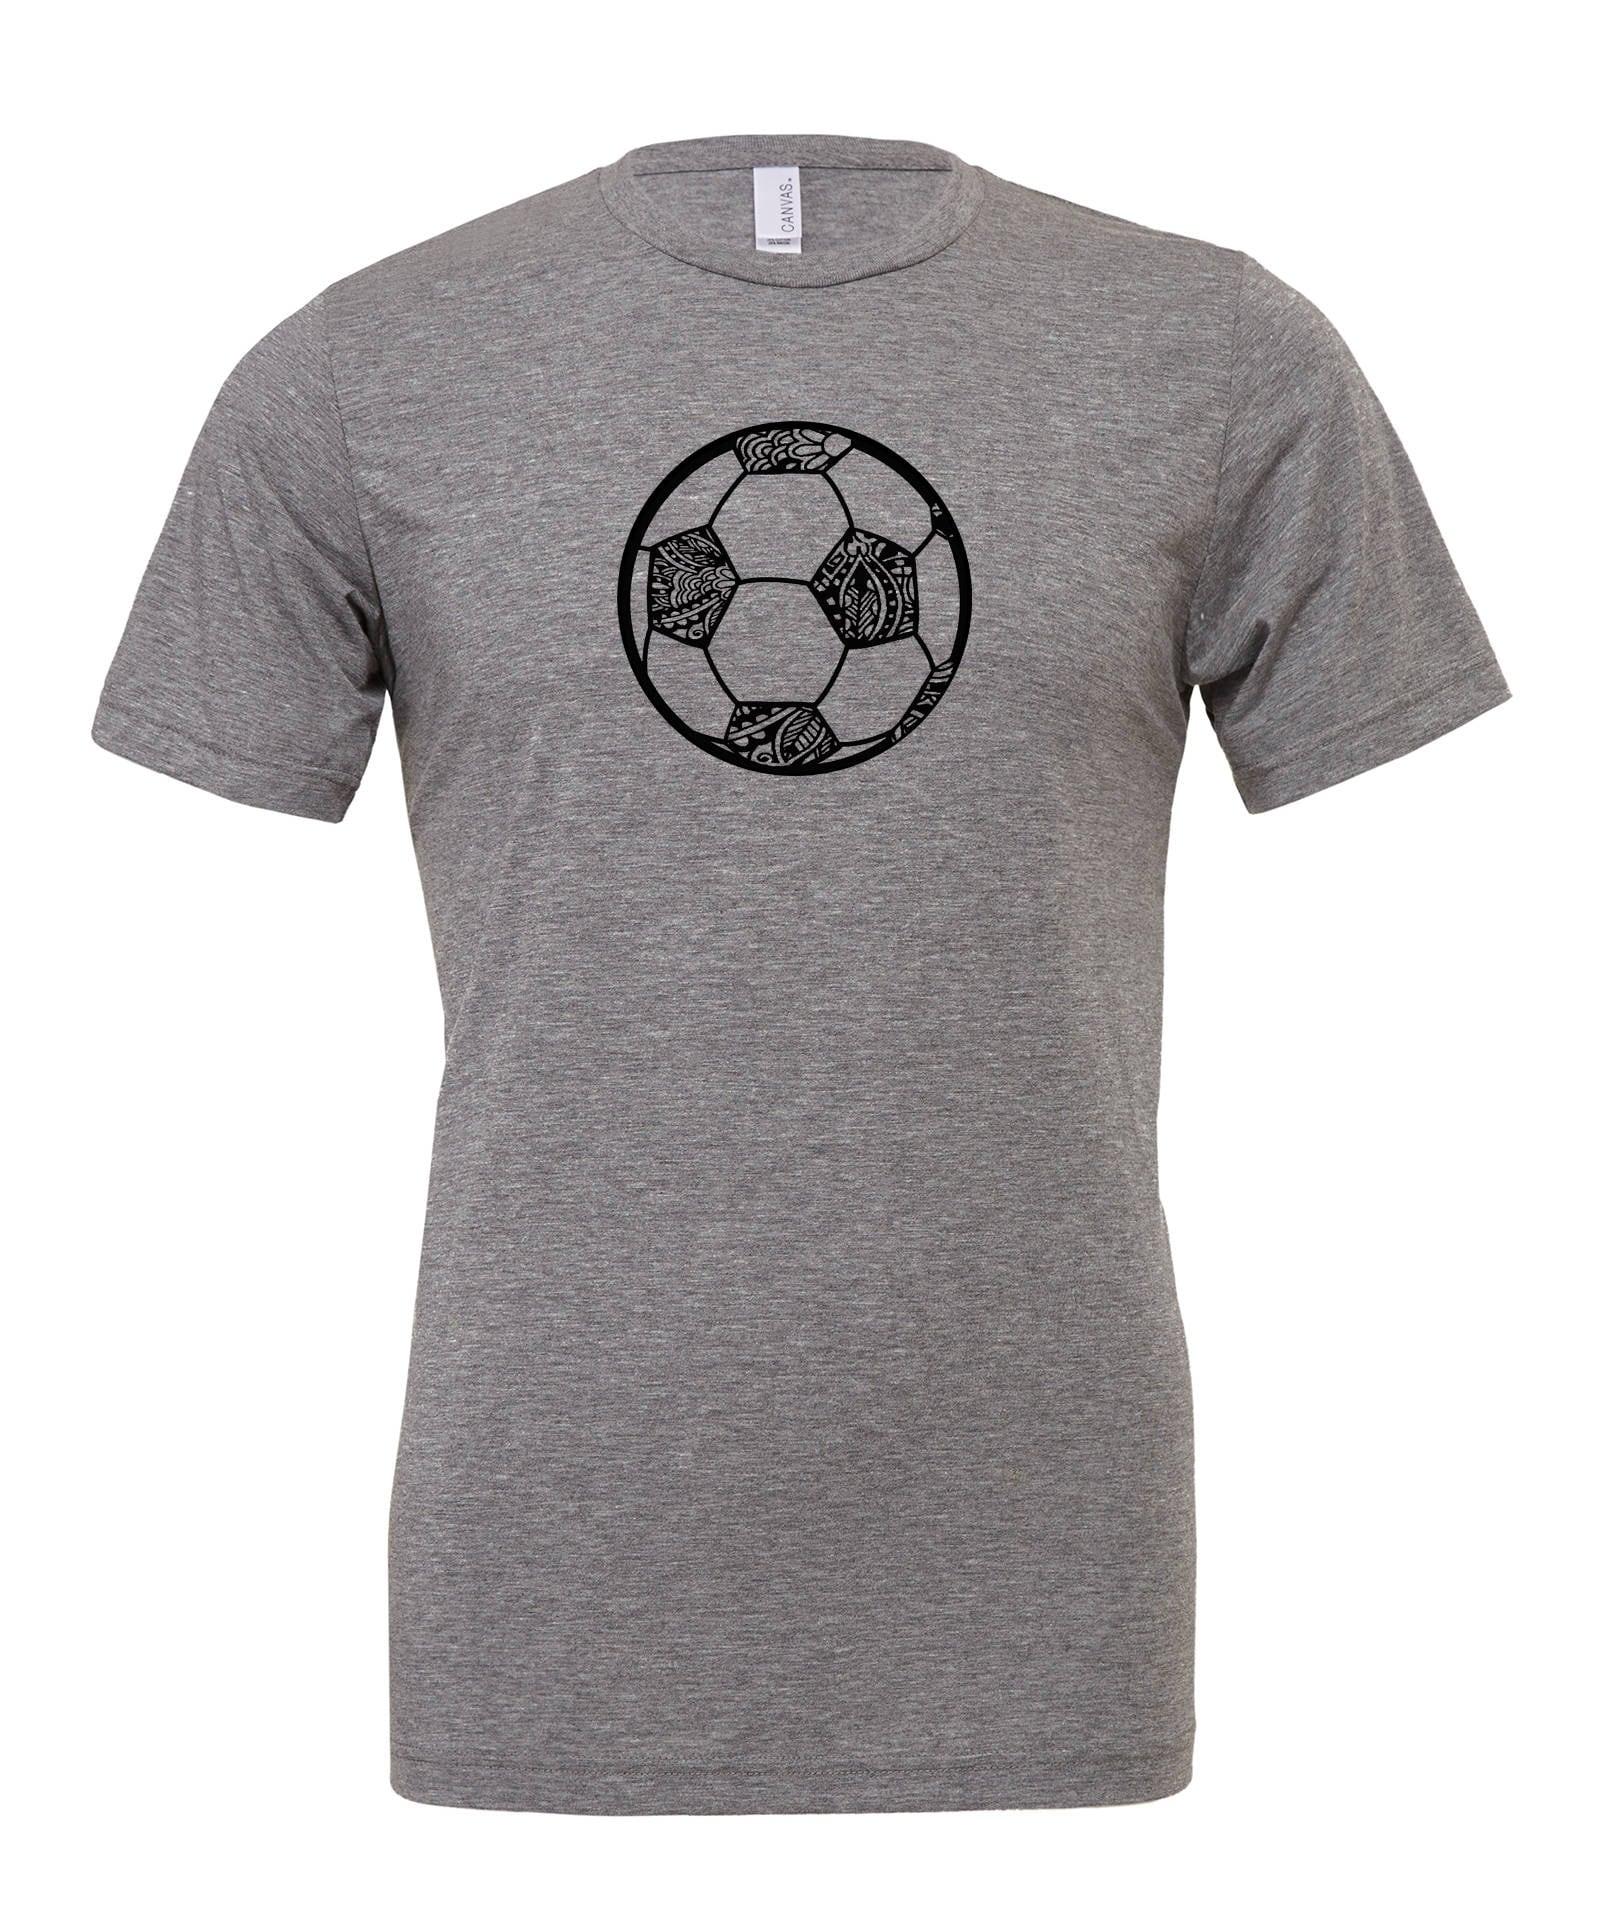 Unisex Soccer Ball Shirt Soccer Design Soccer Tee Soccer Shirt